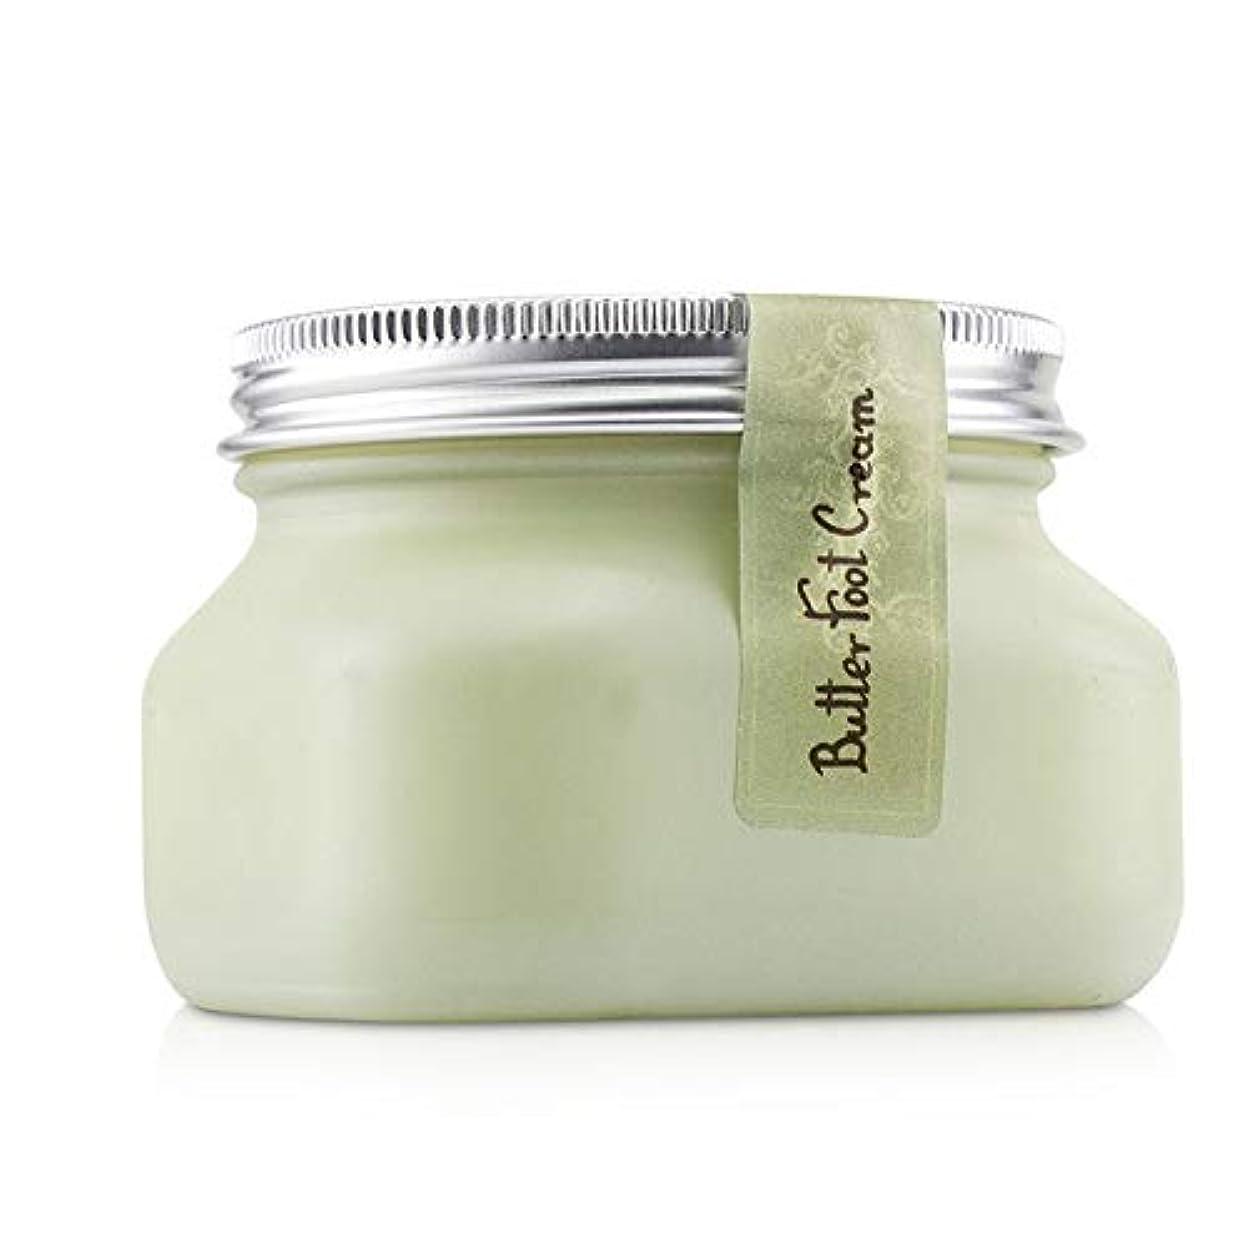 サボン Butter Foot Cream 150ml/5.27oz並行輸入品